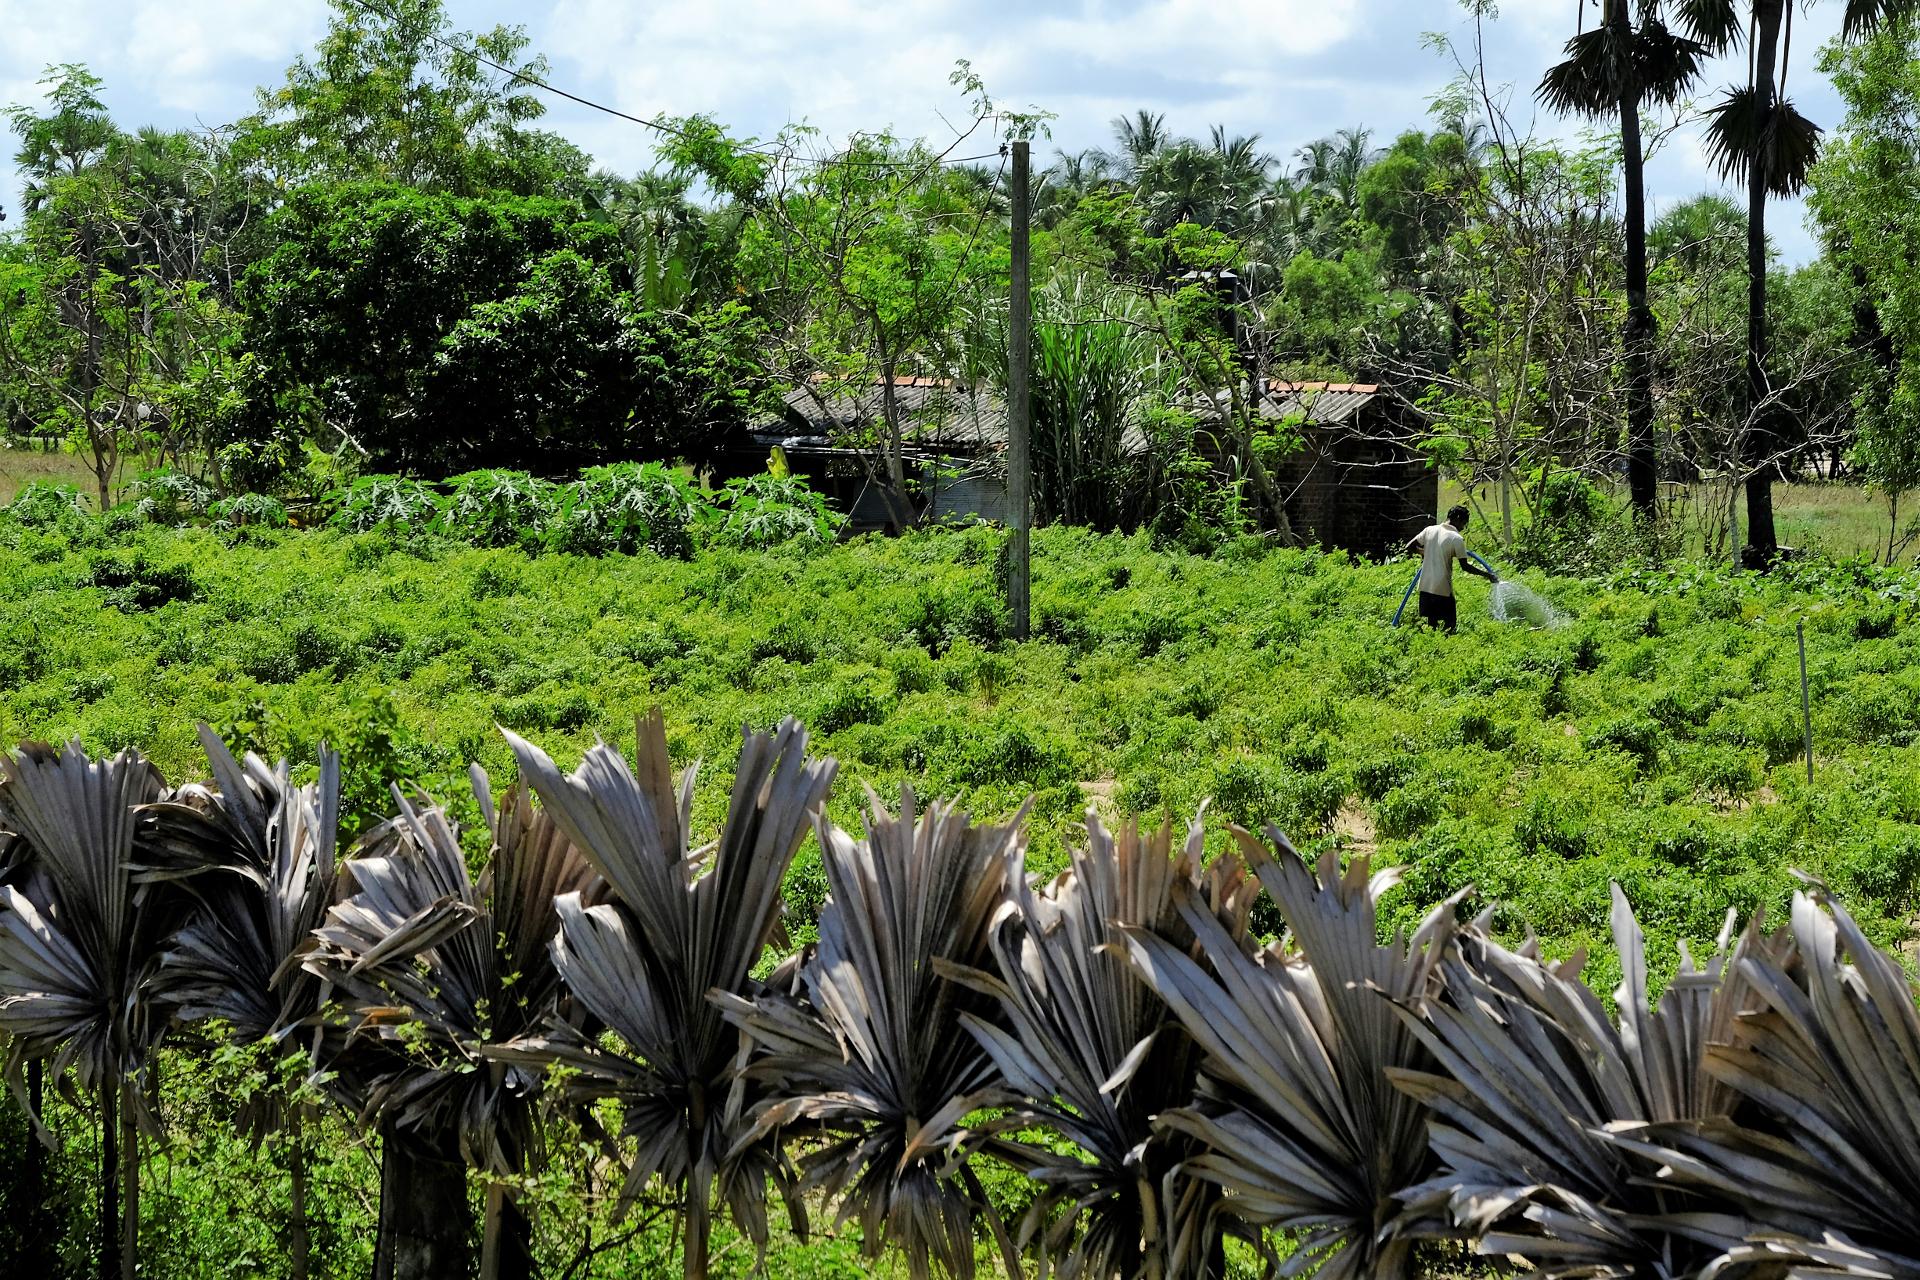 Odlingen, skyddad med palmblad mot vägen, besprutas för att hålla skadeinsekter borta. Foto: Johan Mikaelsson